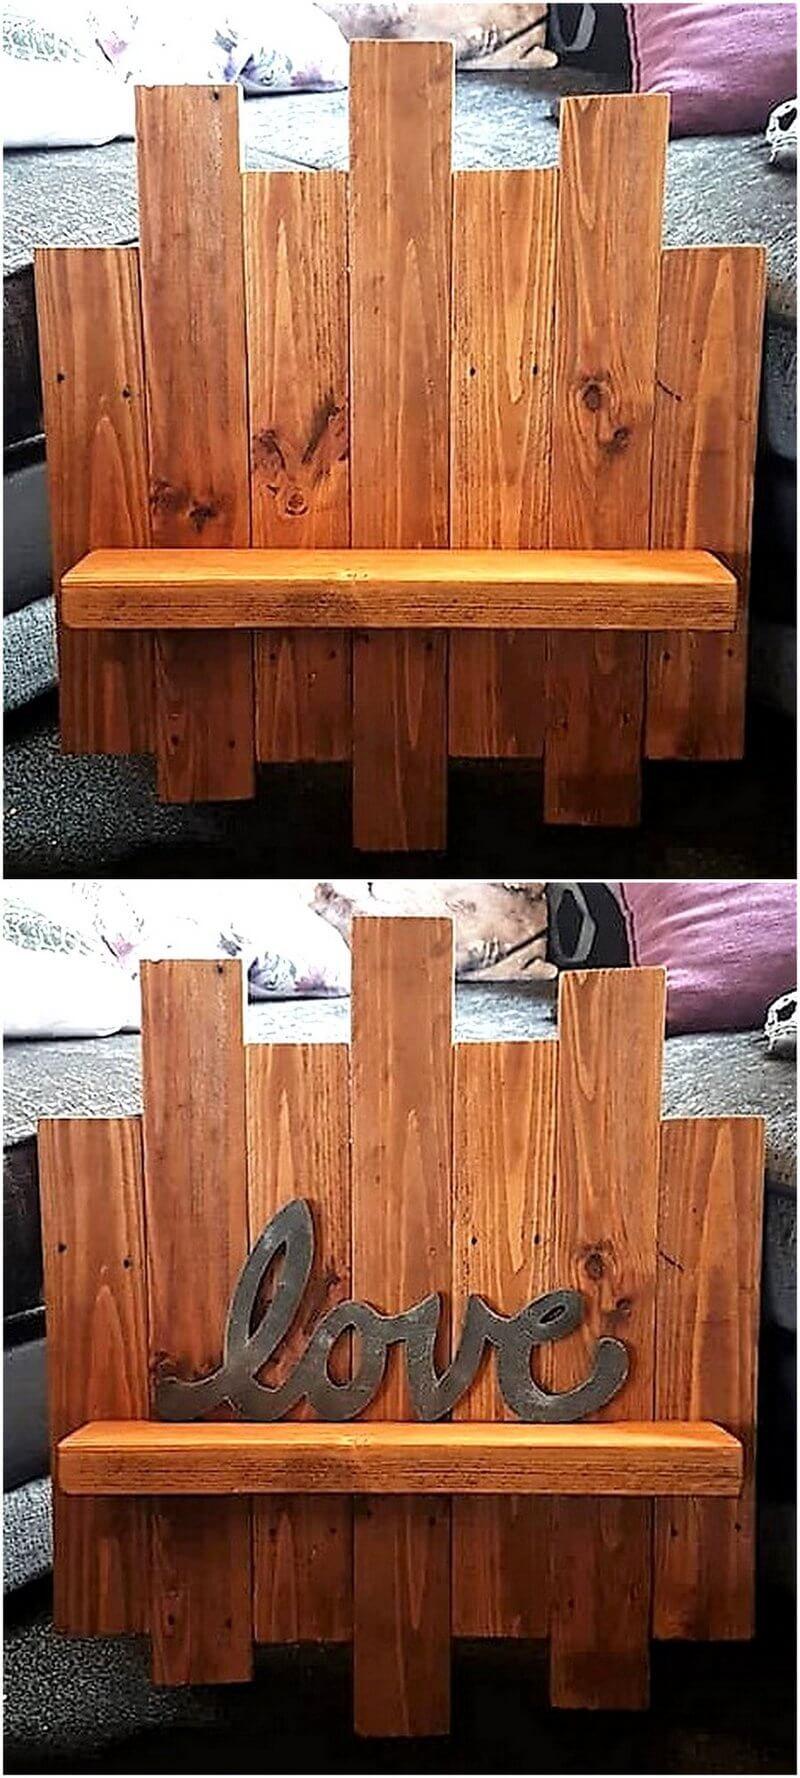 wood pallet love shelf